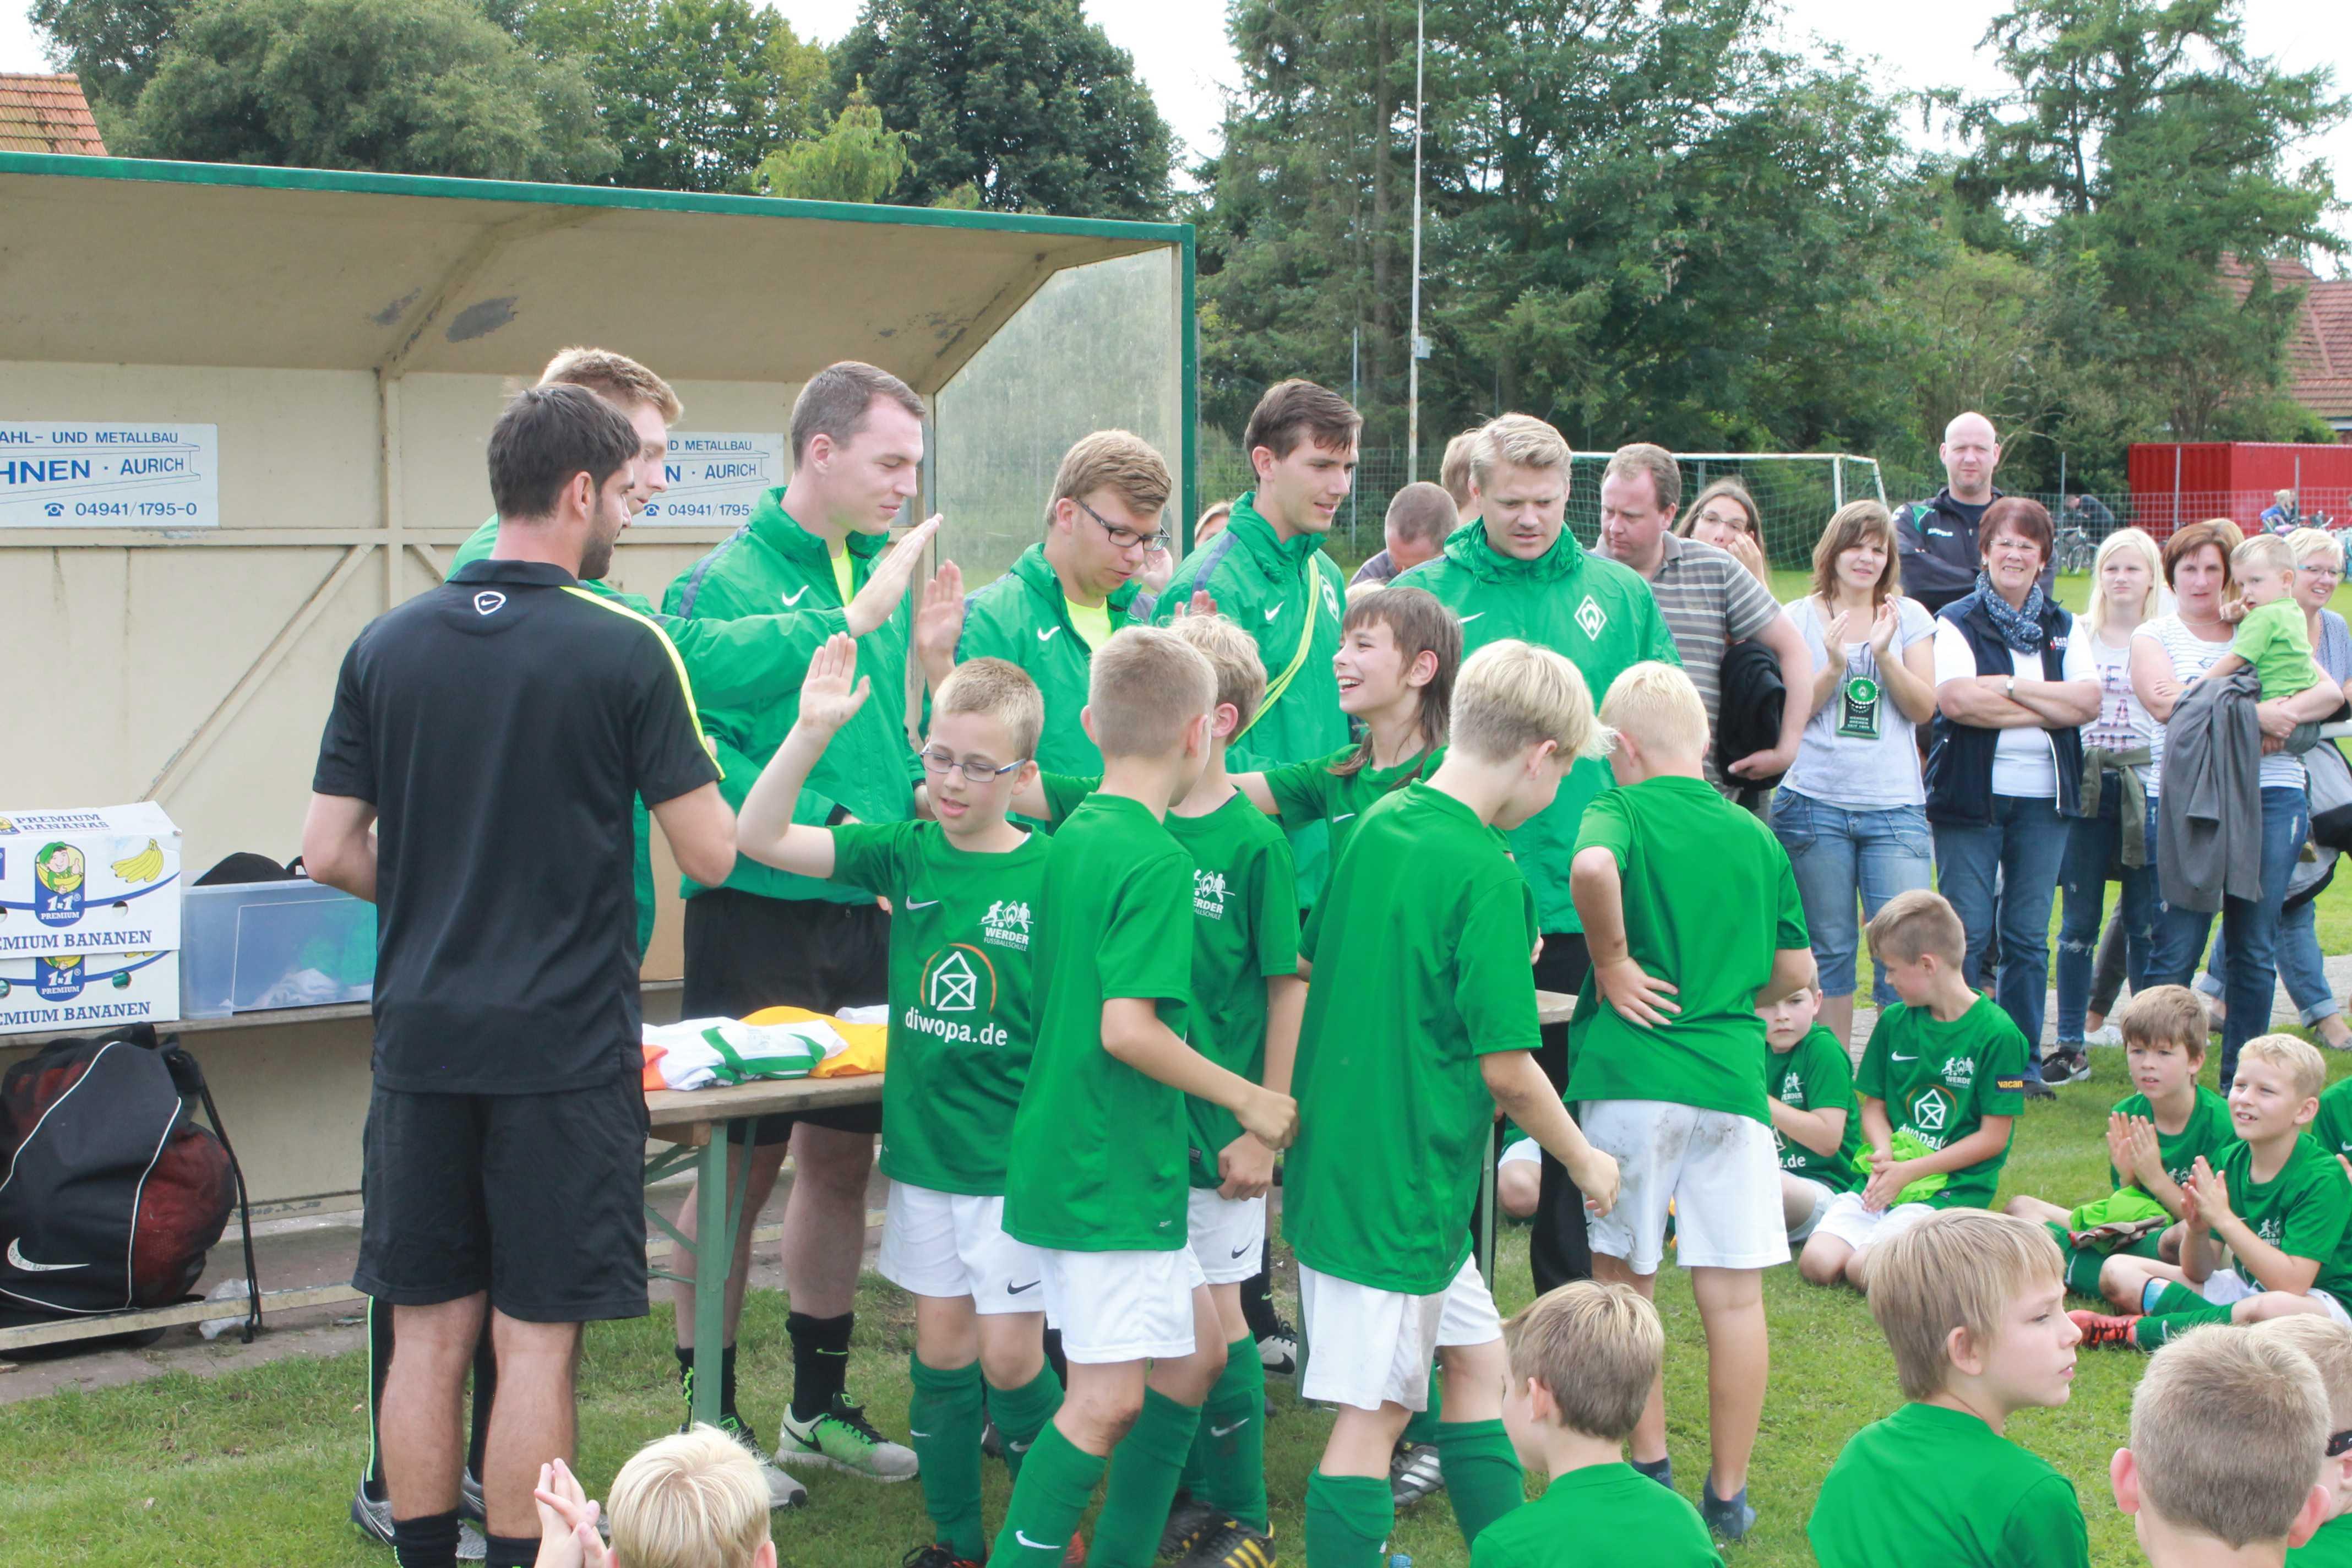 2016-08-14 Werder CAMPontour - Sonntag (116)